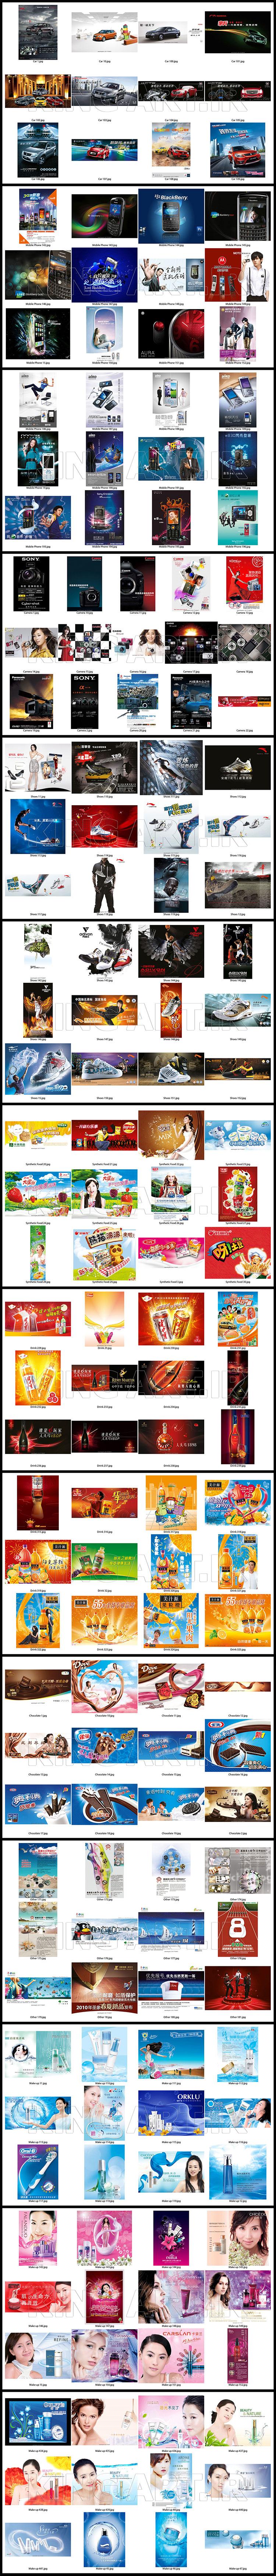 تبلیغات تجاری لایه باز